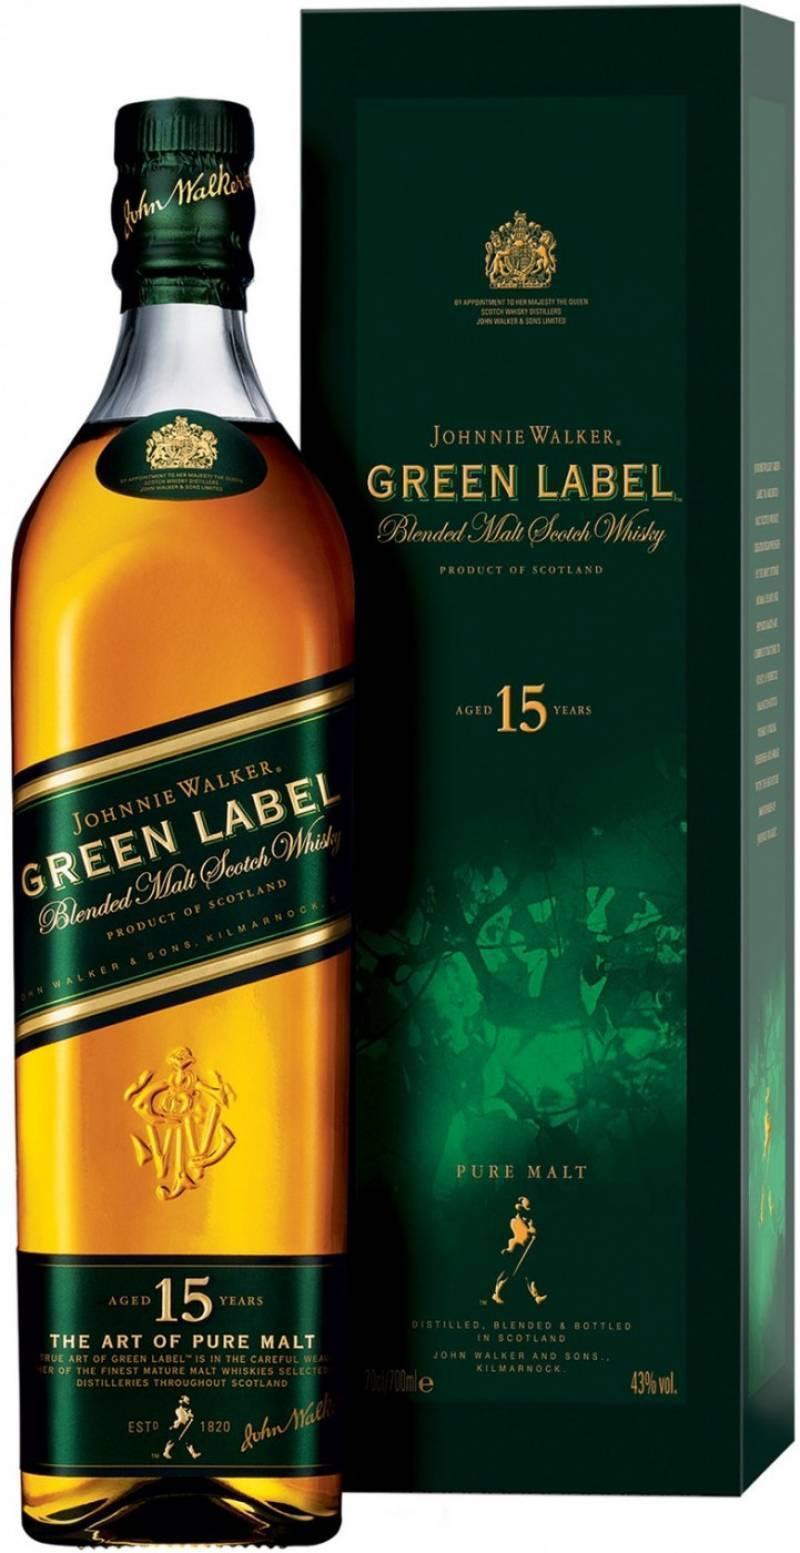 Виски джонни уокер black label какая крепость. что нужно знать о виски блэк лейбл